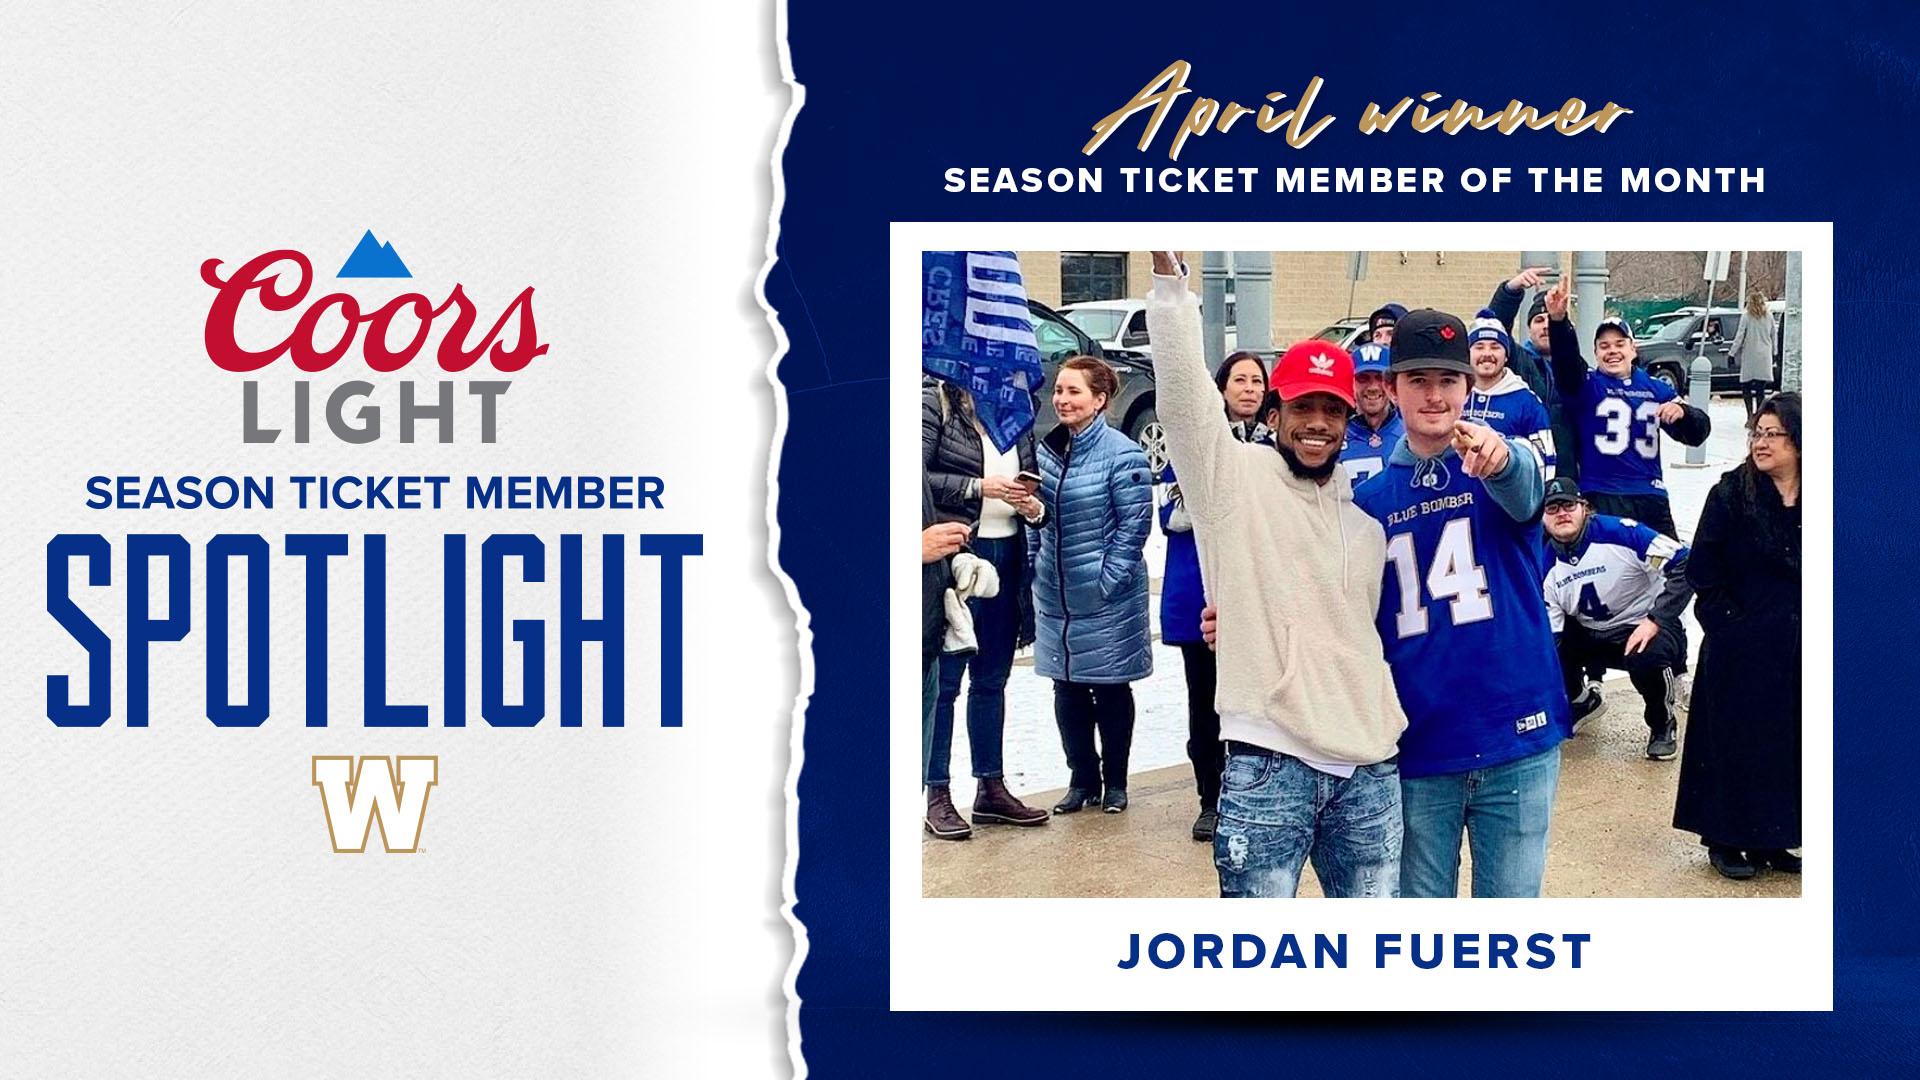 Coors Light Season Ticket Member Spotlight - April Winner